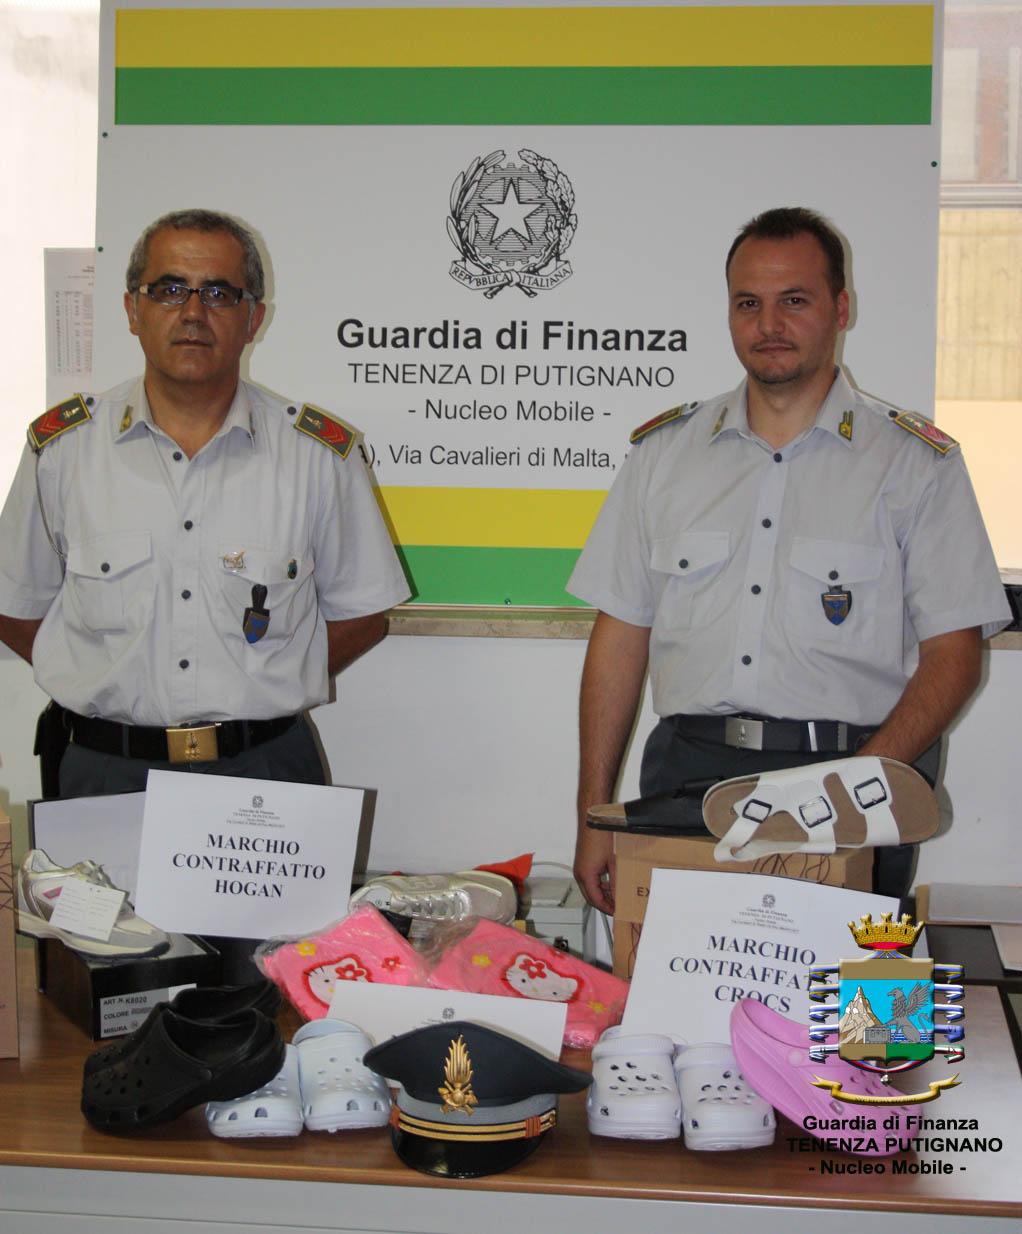 calzature_e_articolo_mare_contraffatti